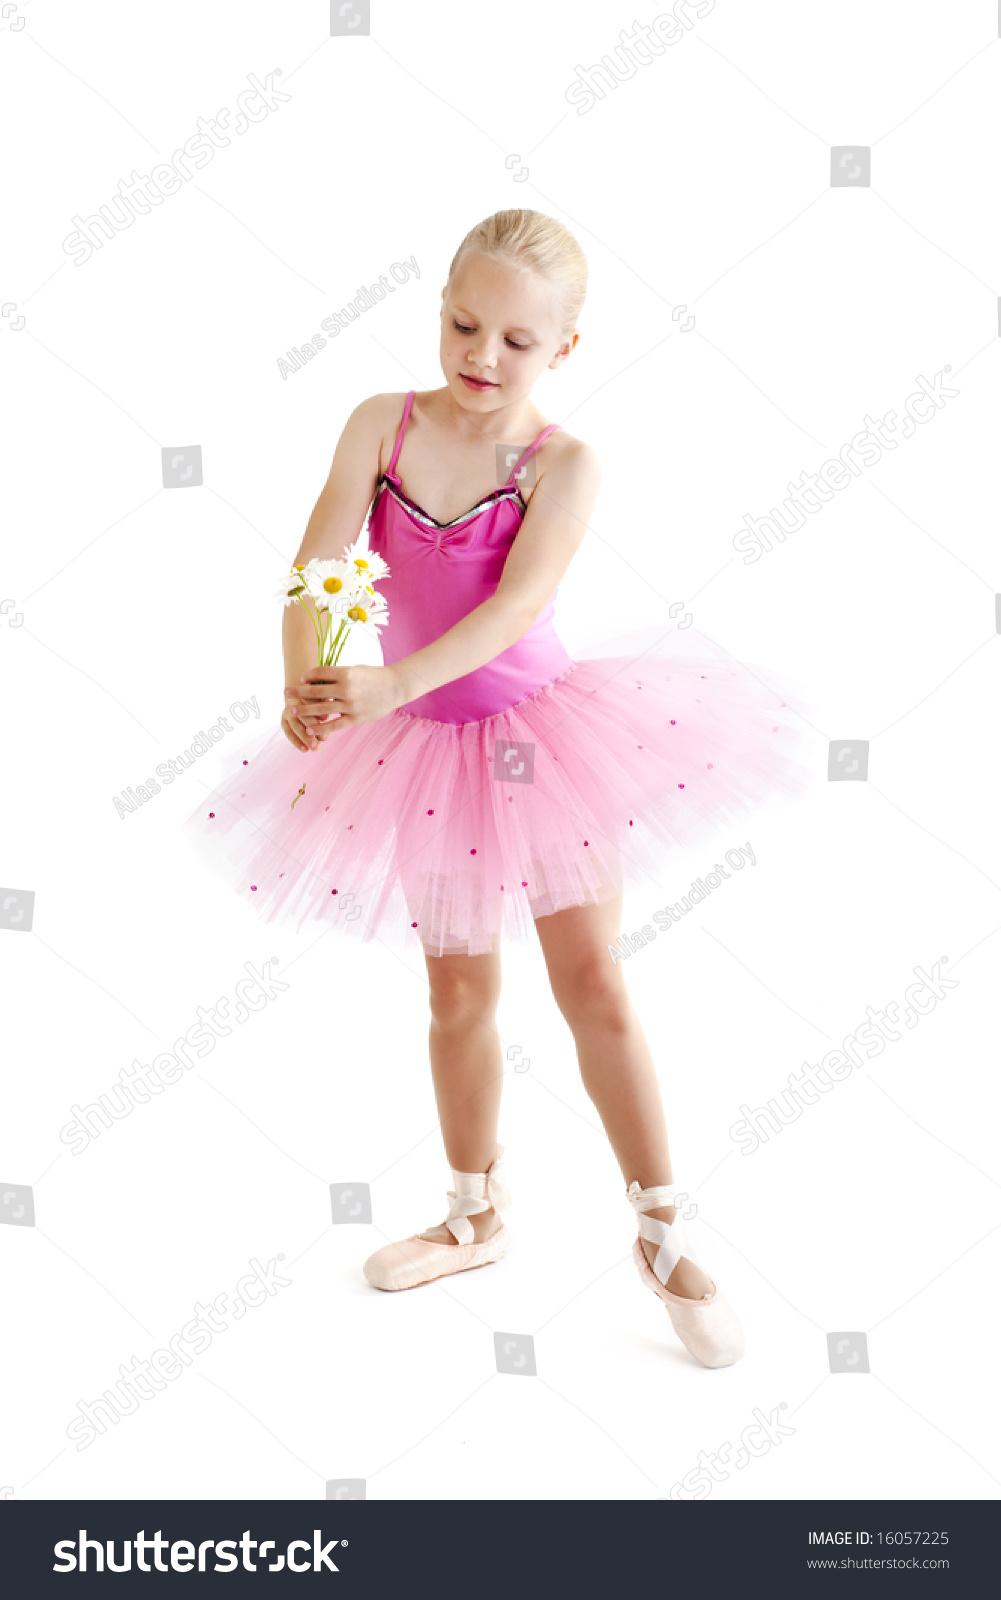 xusenet.com nonude Young ballerina dancer over a white background